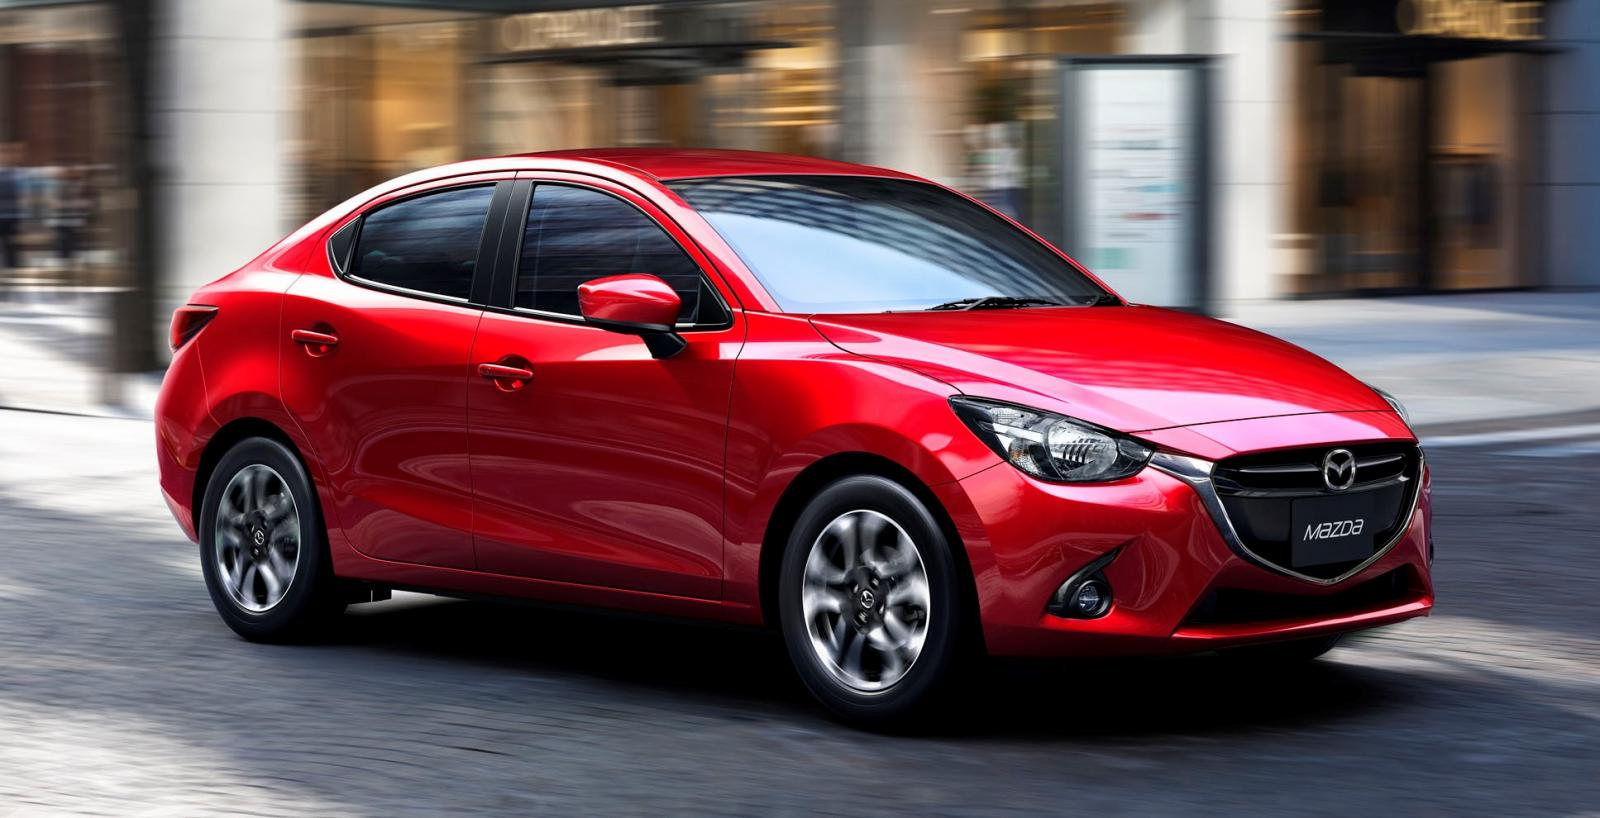 Diseño y rendimiento destacan en el Mazda 2 2018